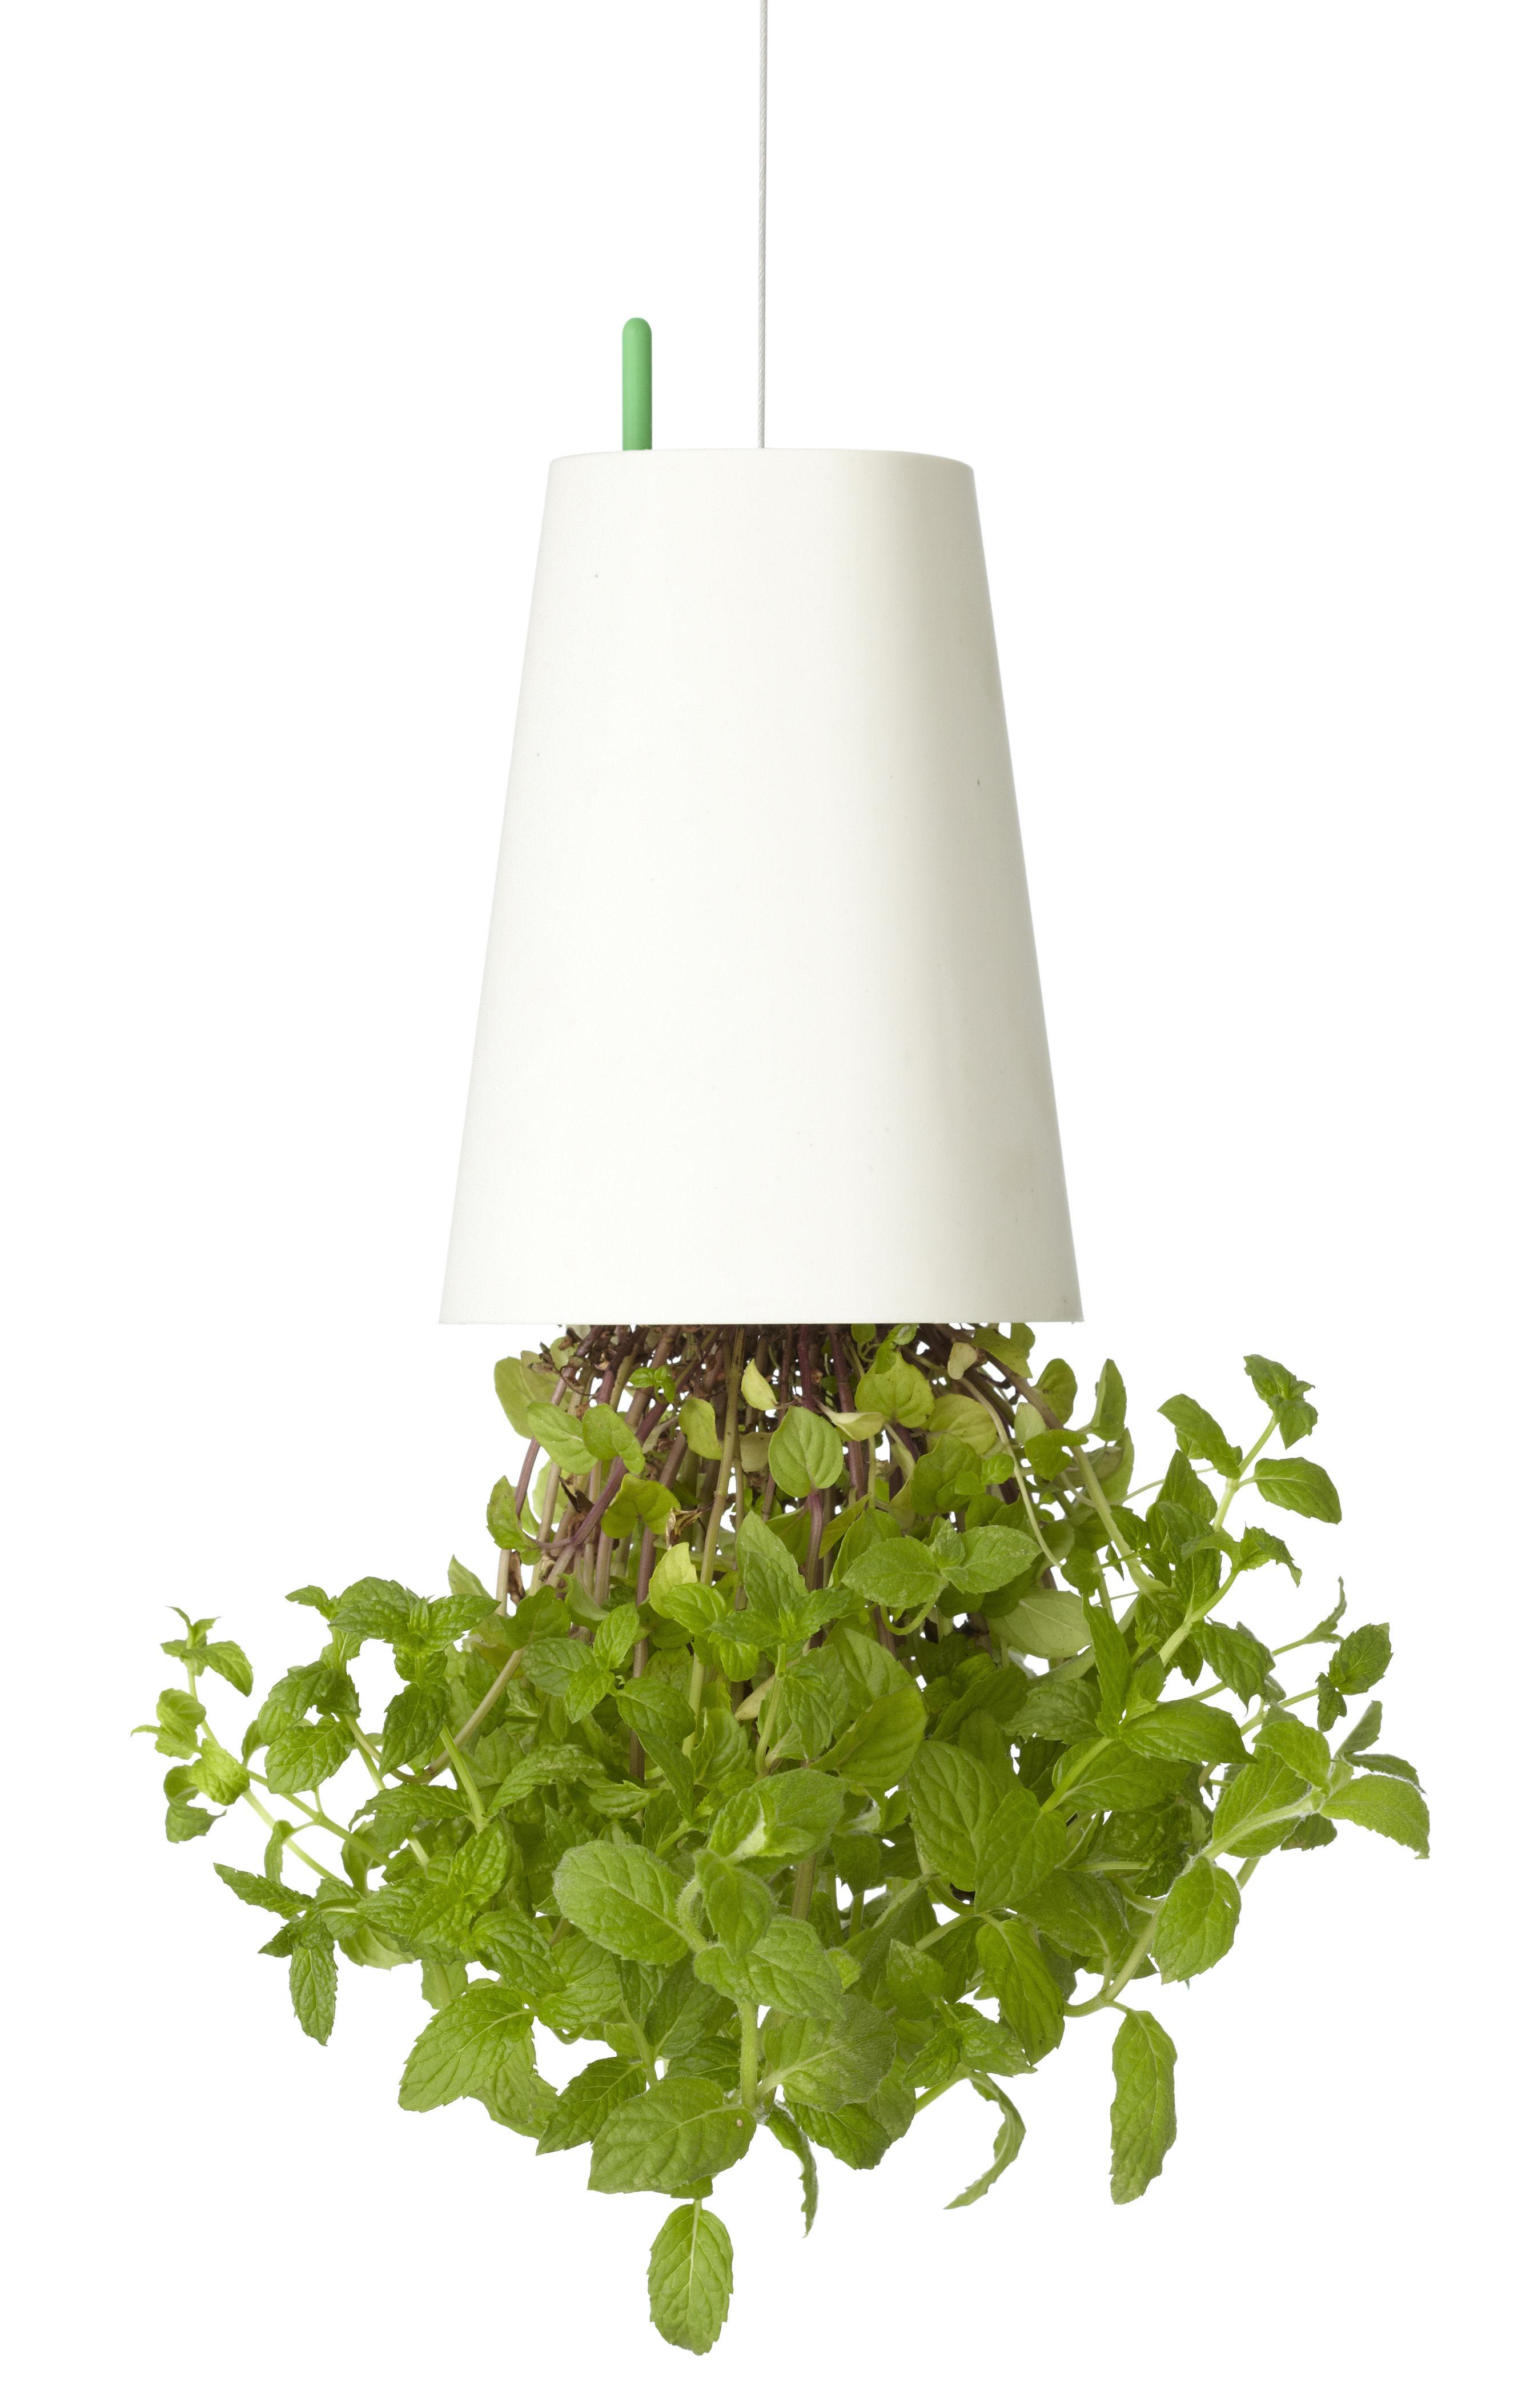 Dekoration - Spaßig und ausgefallen - Sky Small Hänge-Blumenkasten aus recyceltem Polypropylen - Small (H 12,9 cm) - zum Aufhängen - Boskke - Weiß - Polypropylène recyclé